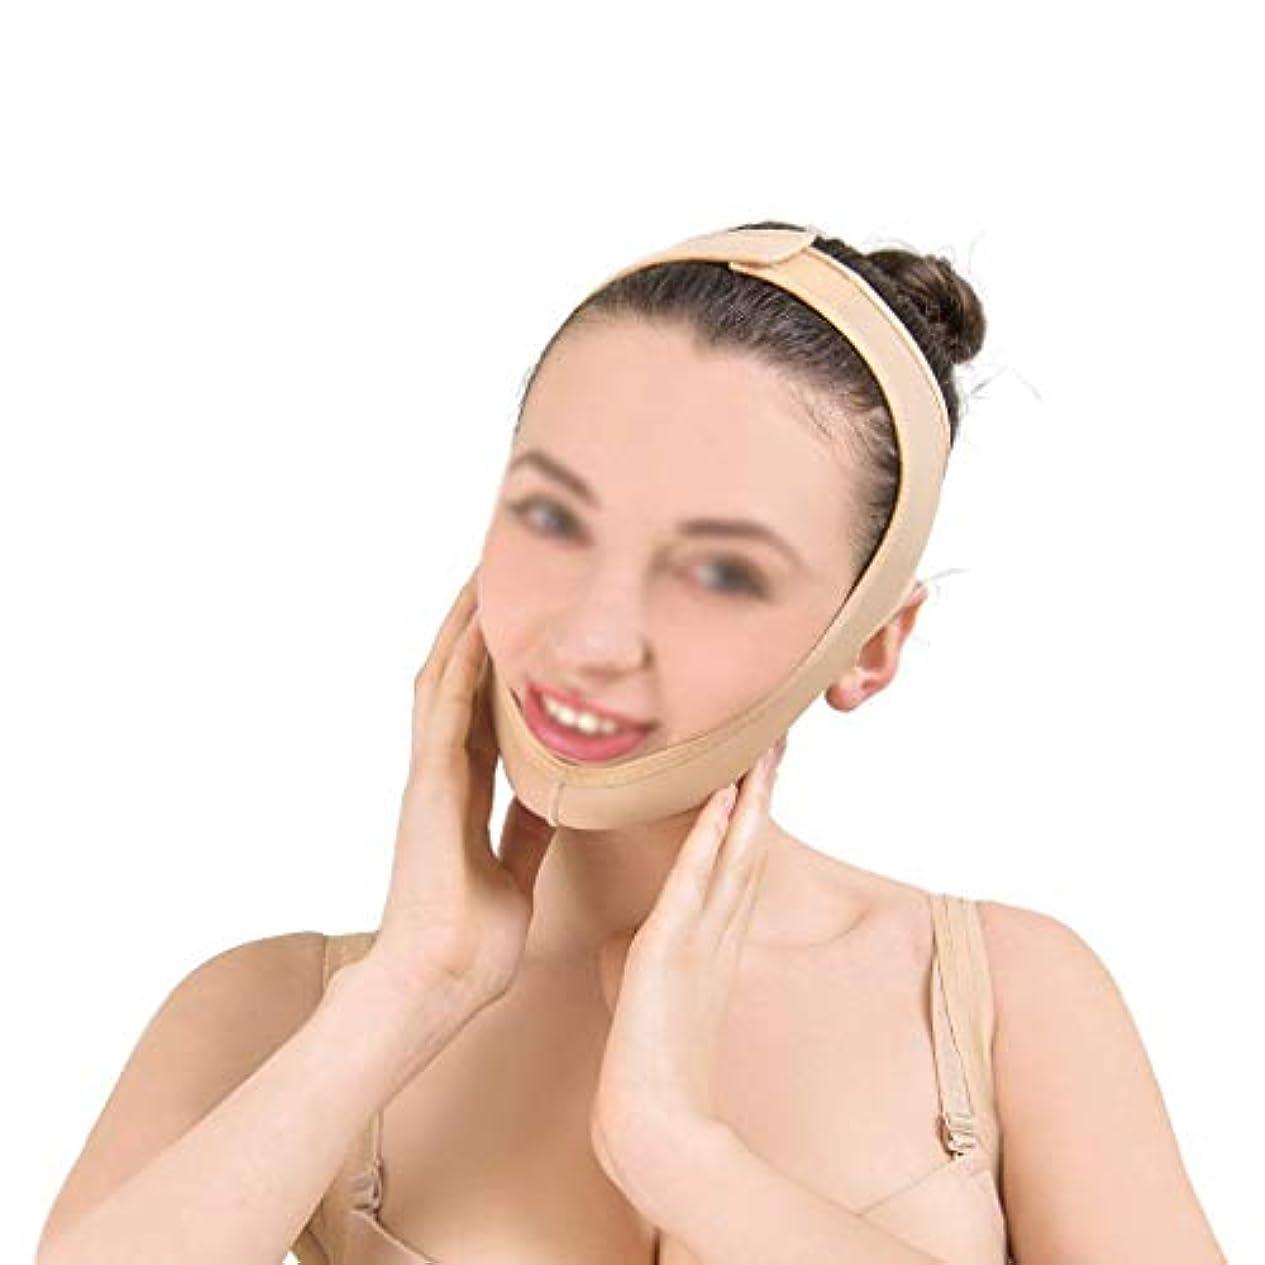 わかりやすいホスト真実フェイスシェイピングベルト、肌の包帯を持ち上げて引き締める、フェイスベルトを持ち上げる、快適で フェイシャルリフティングマスク(サイズ:S),M